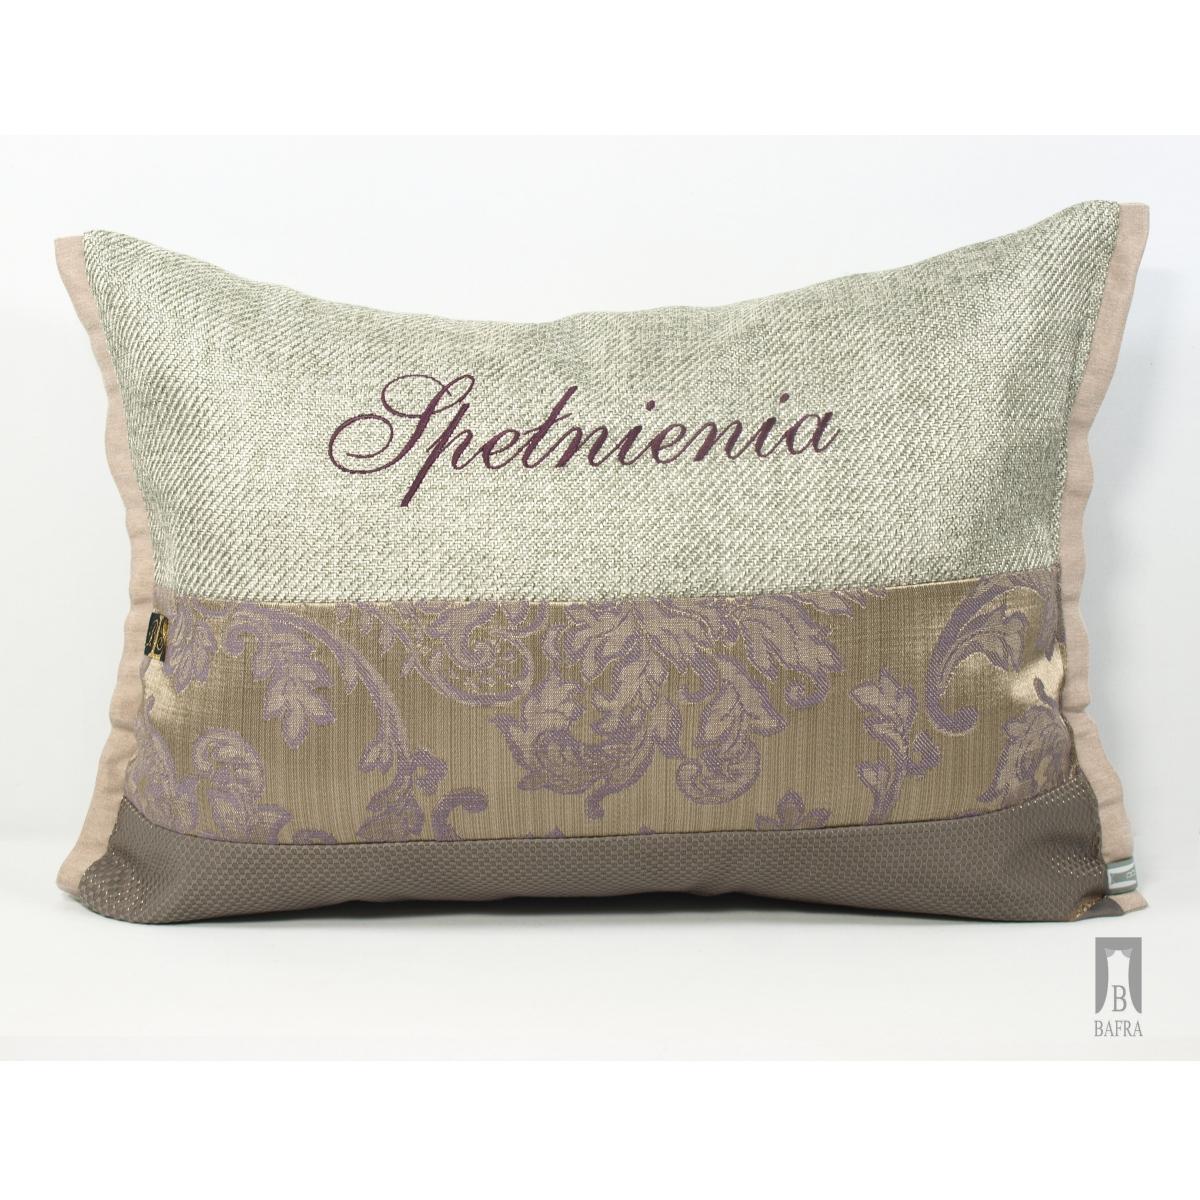 Pillow gift